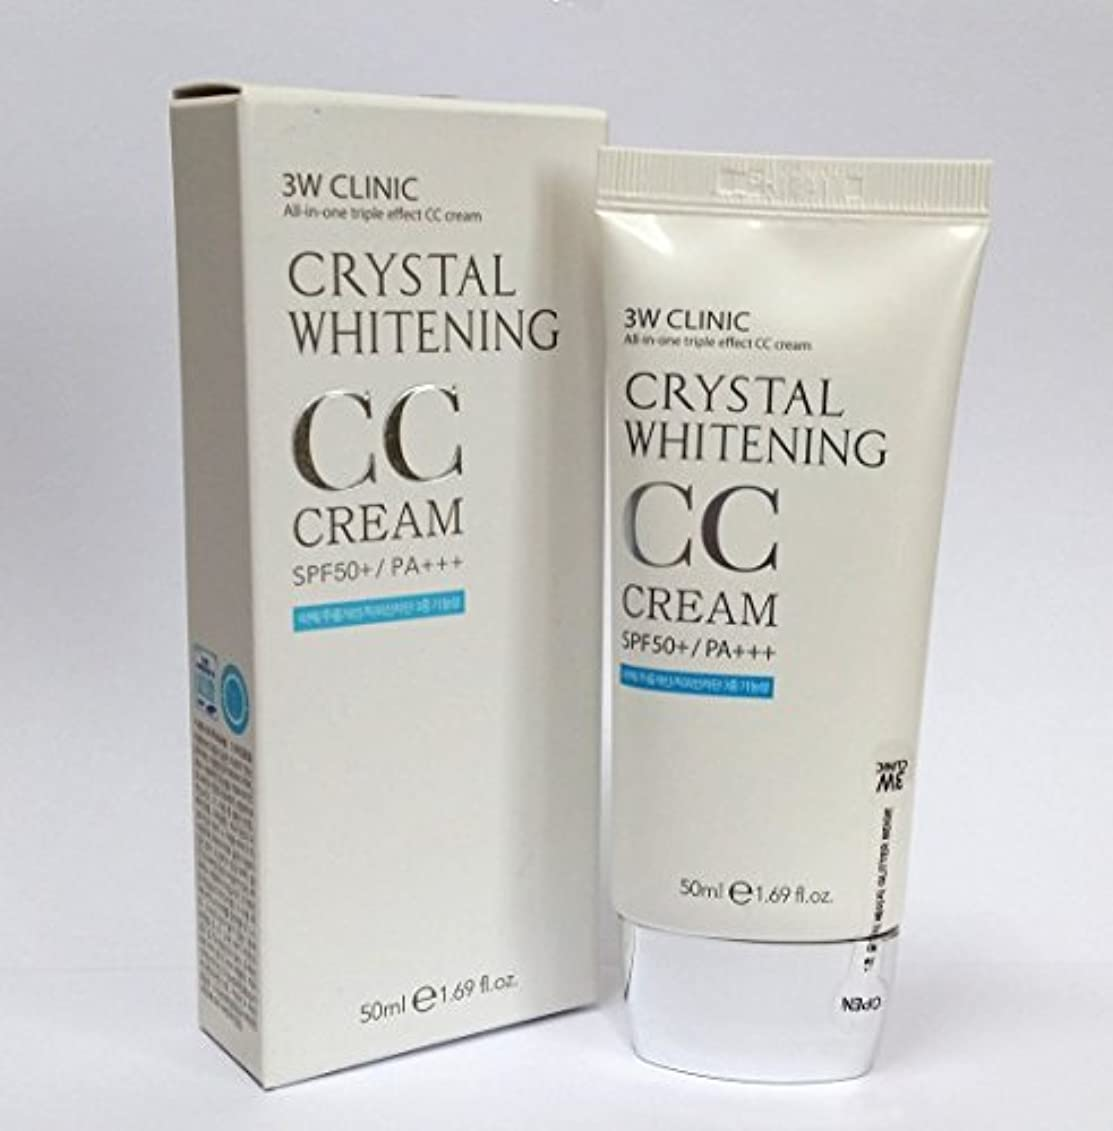 確認する多様体かなり[3W CLINIC] クリスタルホワイトニングCCクリーム50ml SPF50 PA +++ / #02 Natural Beige / Crystal Whitening CC Cream 50ml SPF50 PA...